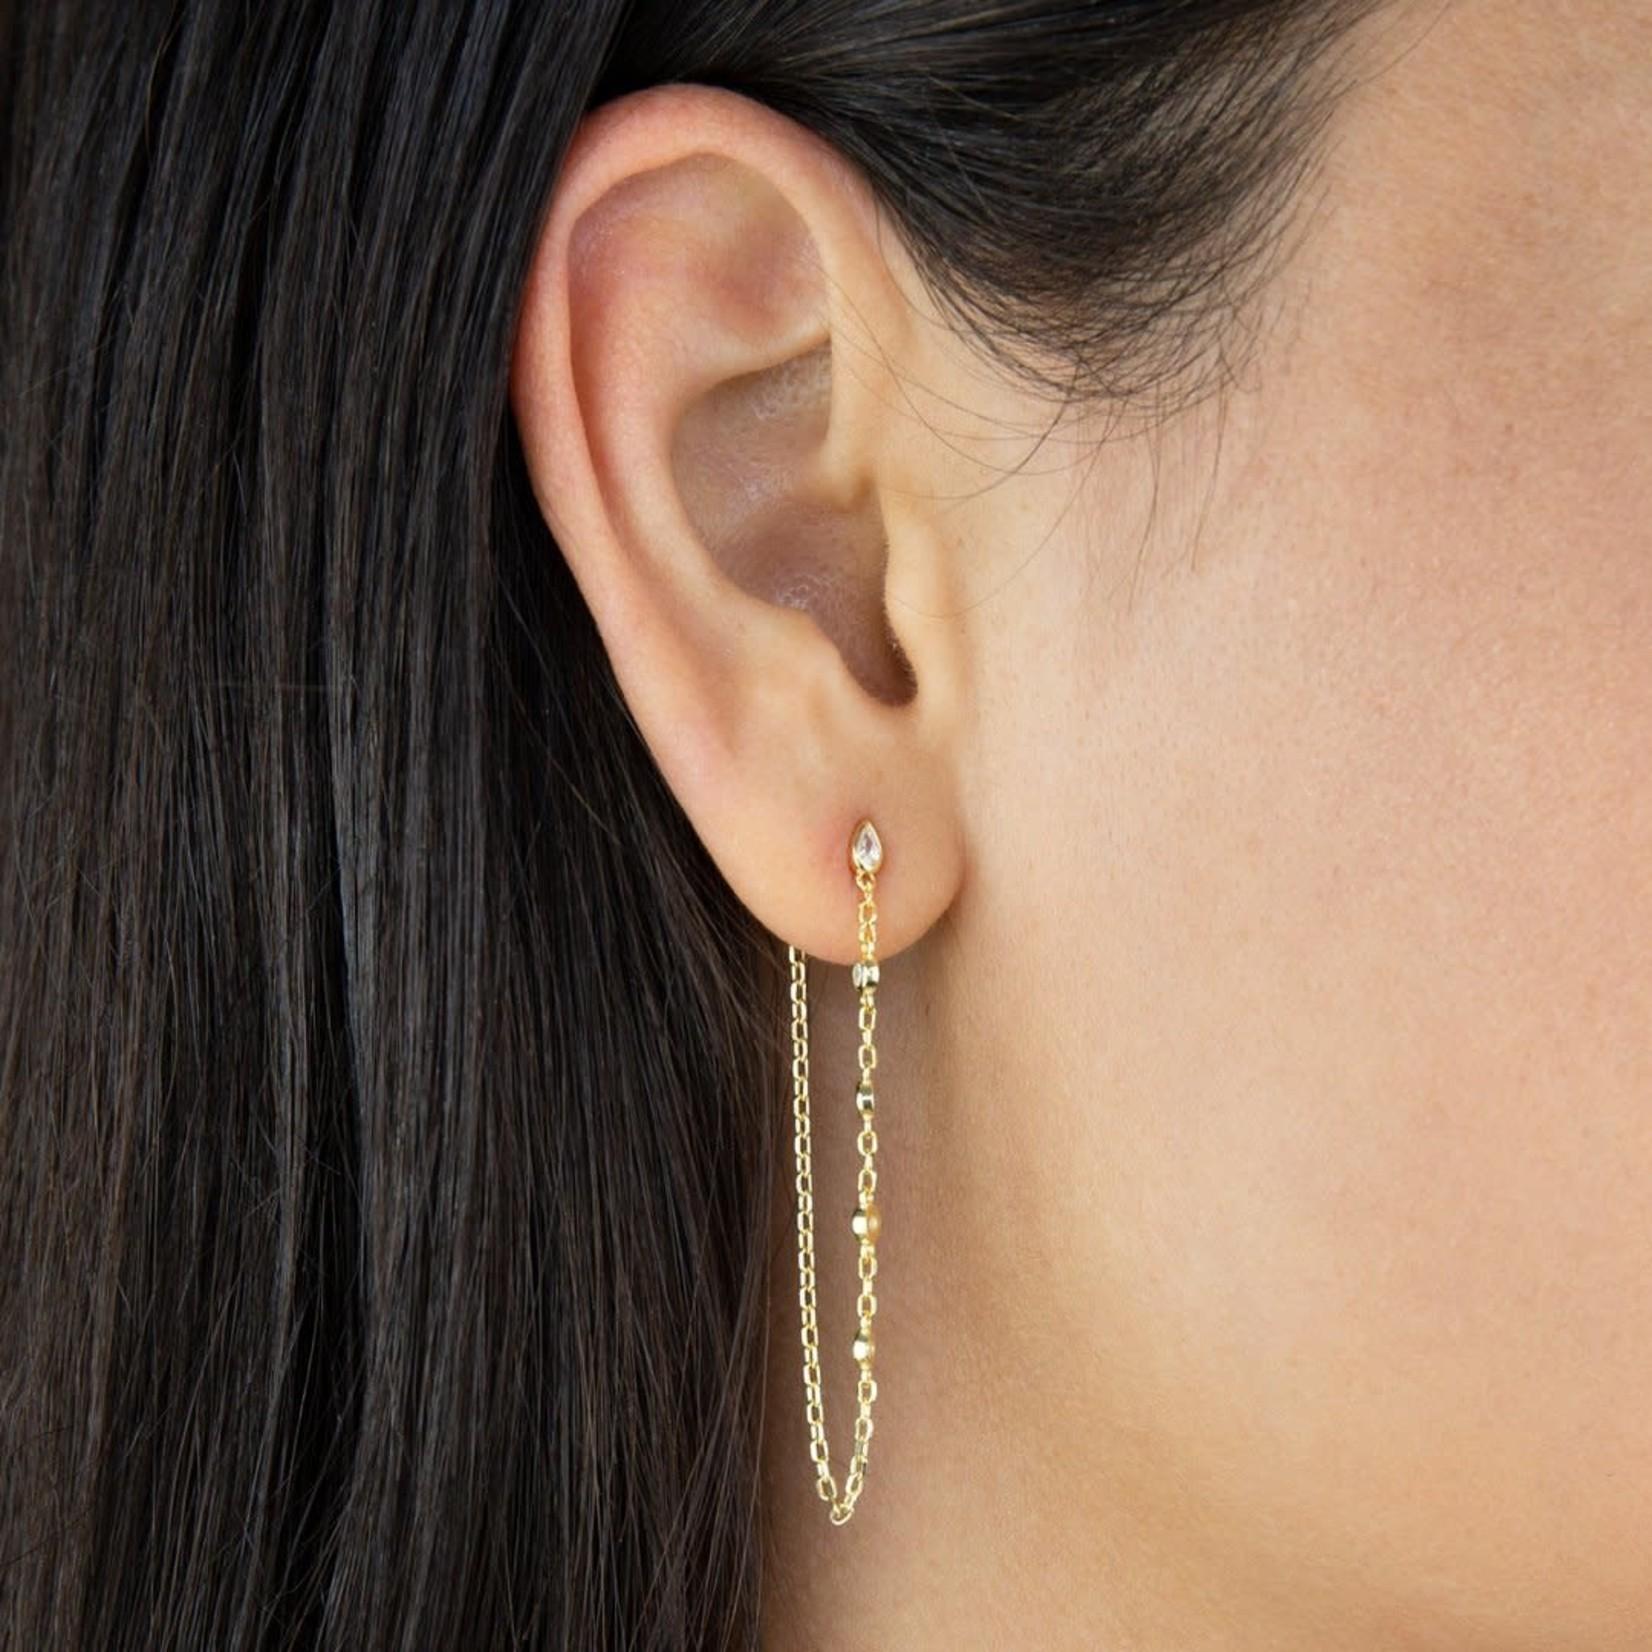 Adinas Bezel Chain Drop Stud Earrings